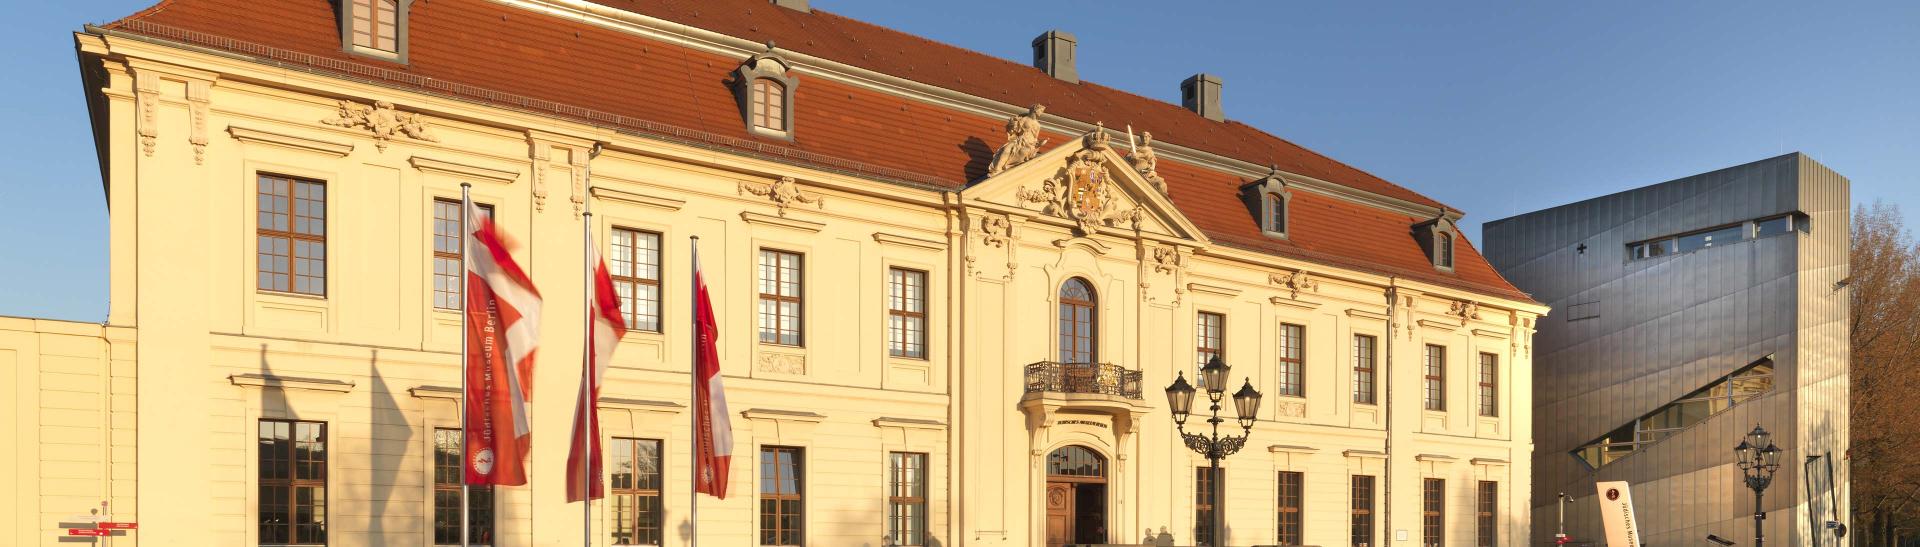 Altbau des Jüdischen Museums Berlin in der Abendsonne, mit drei Fahnen